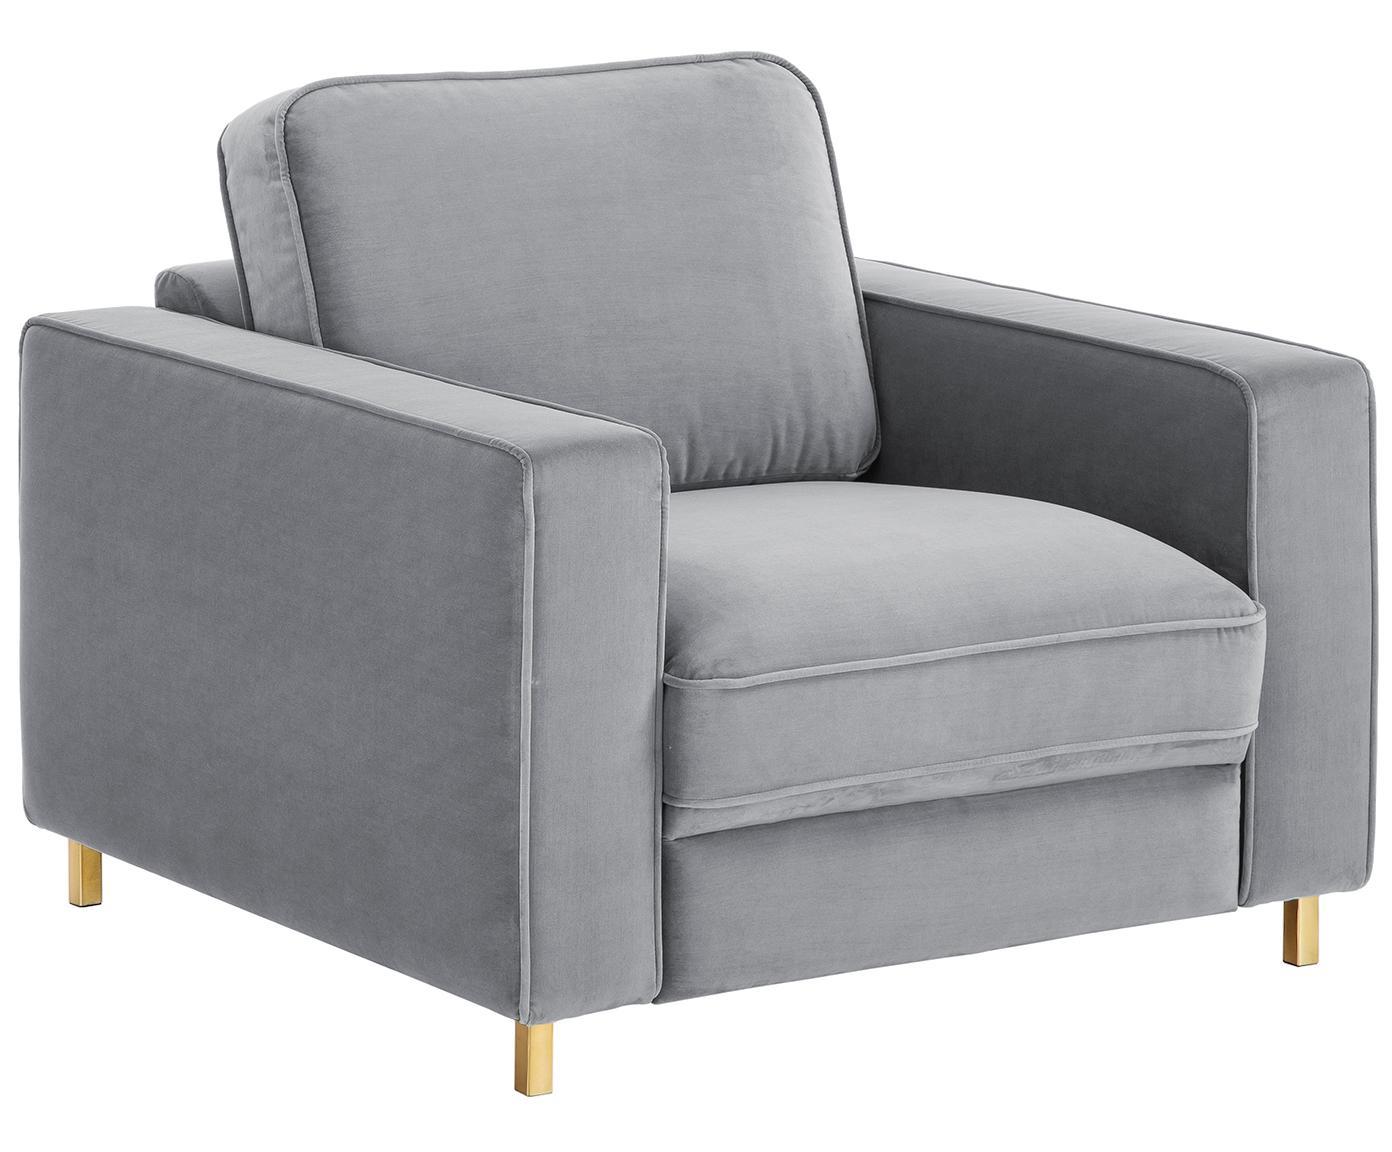 Fluwelen fauteuil Chelsea, Bekleding: fluweel (hoogwaardig poly, Frame: massief vurenhout, Poten: gecoat metaal, Grijs, B 83 x D 93 cm